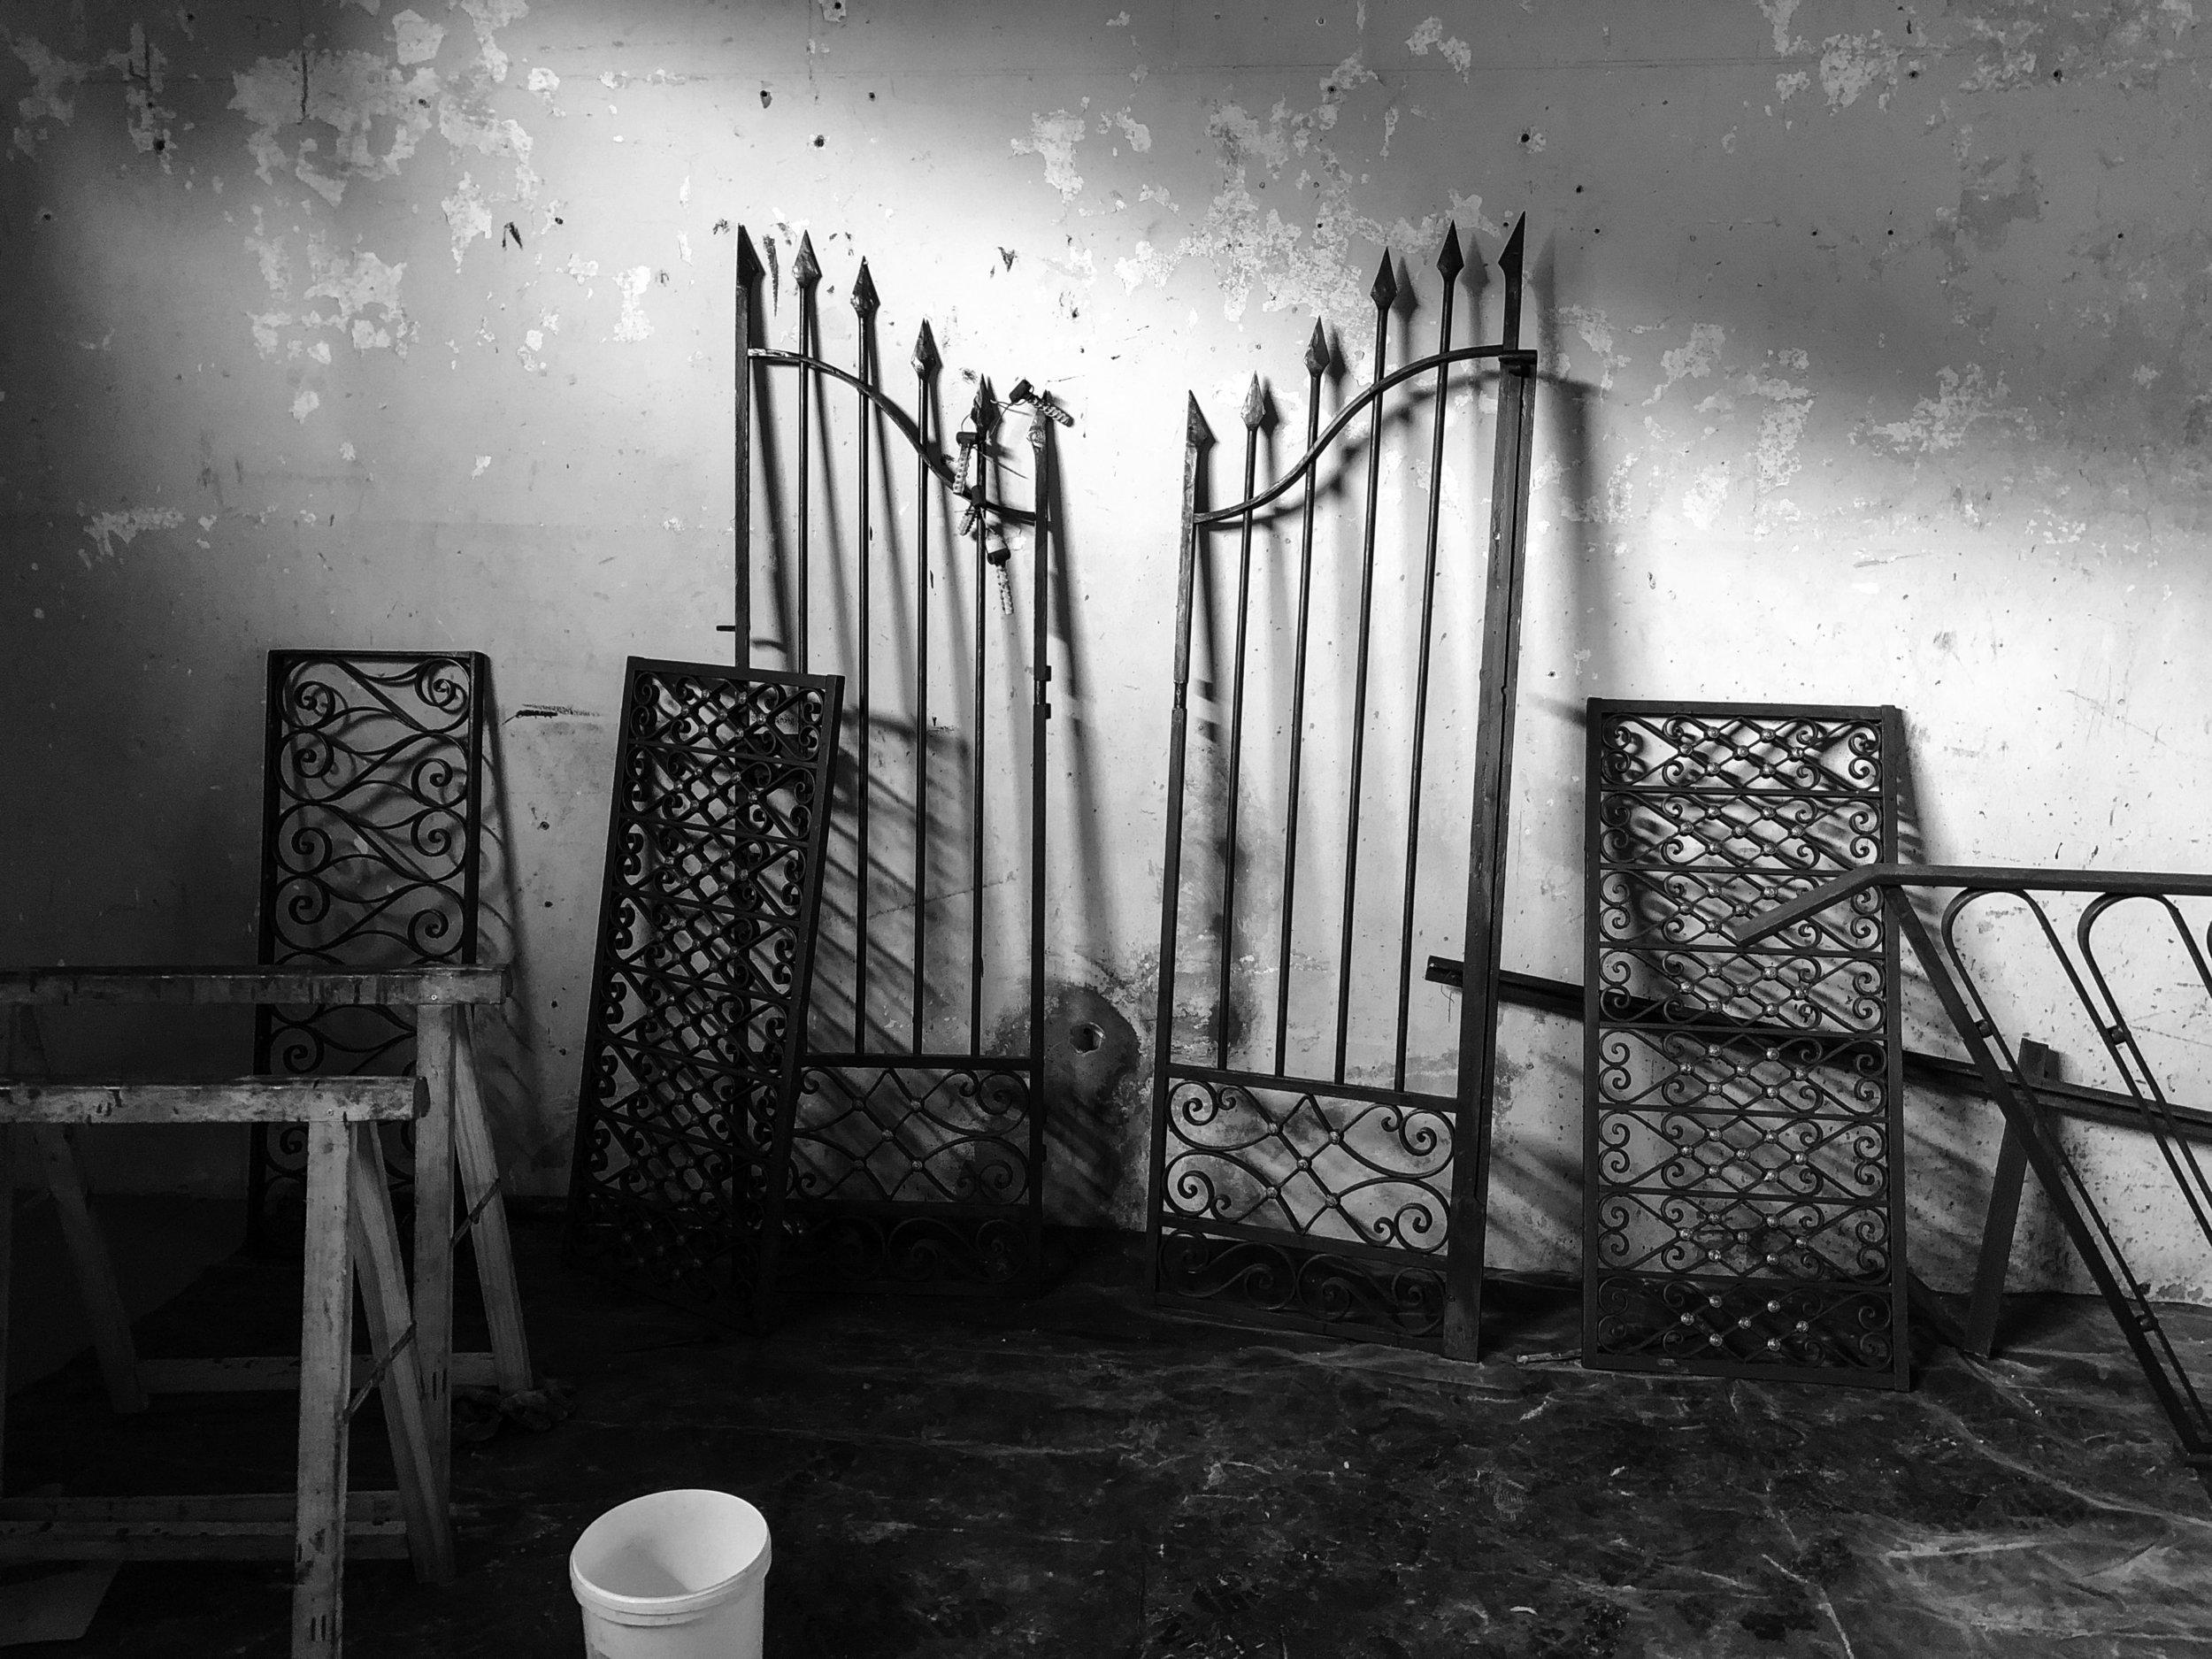 Moradia Coelhosa - EVA evolutionary architecture - remodelação - reconstrução - arquitectura - vale de cambra (12).jpg